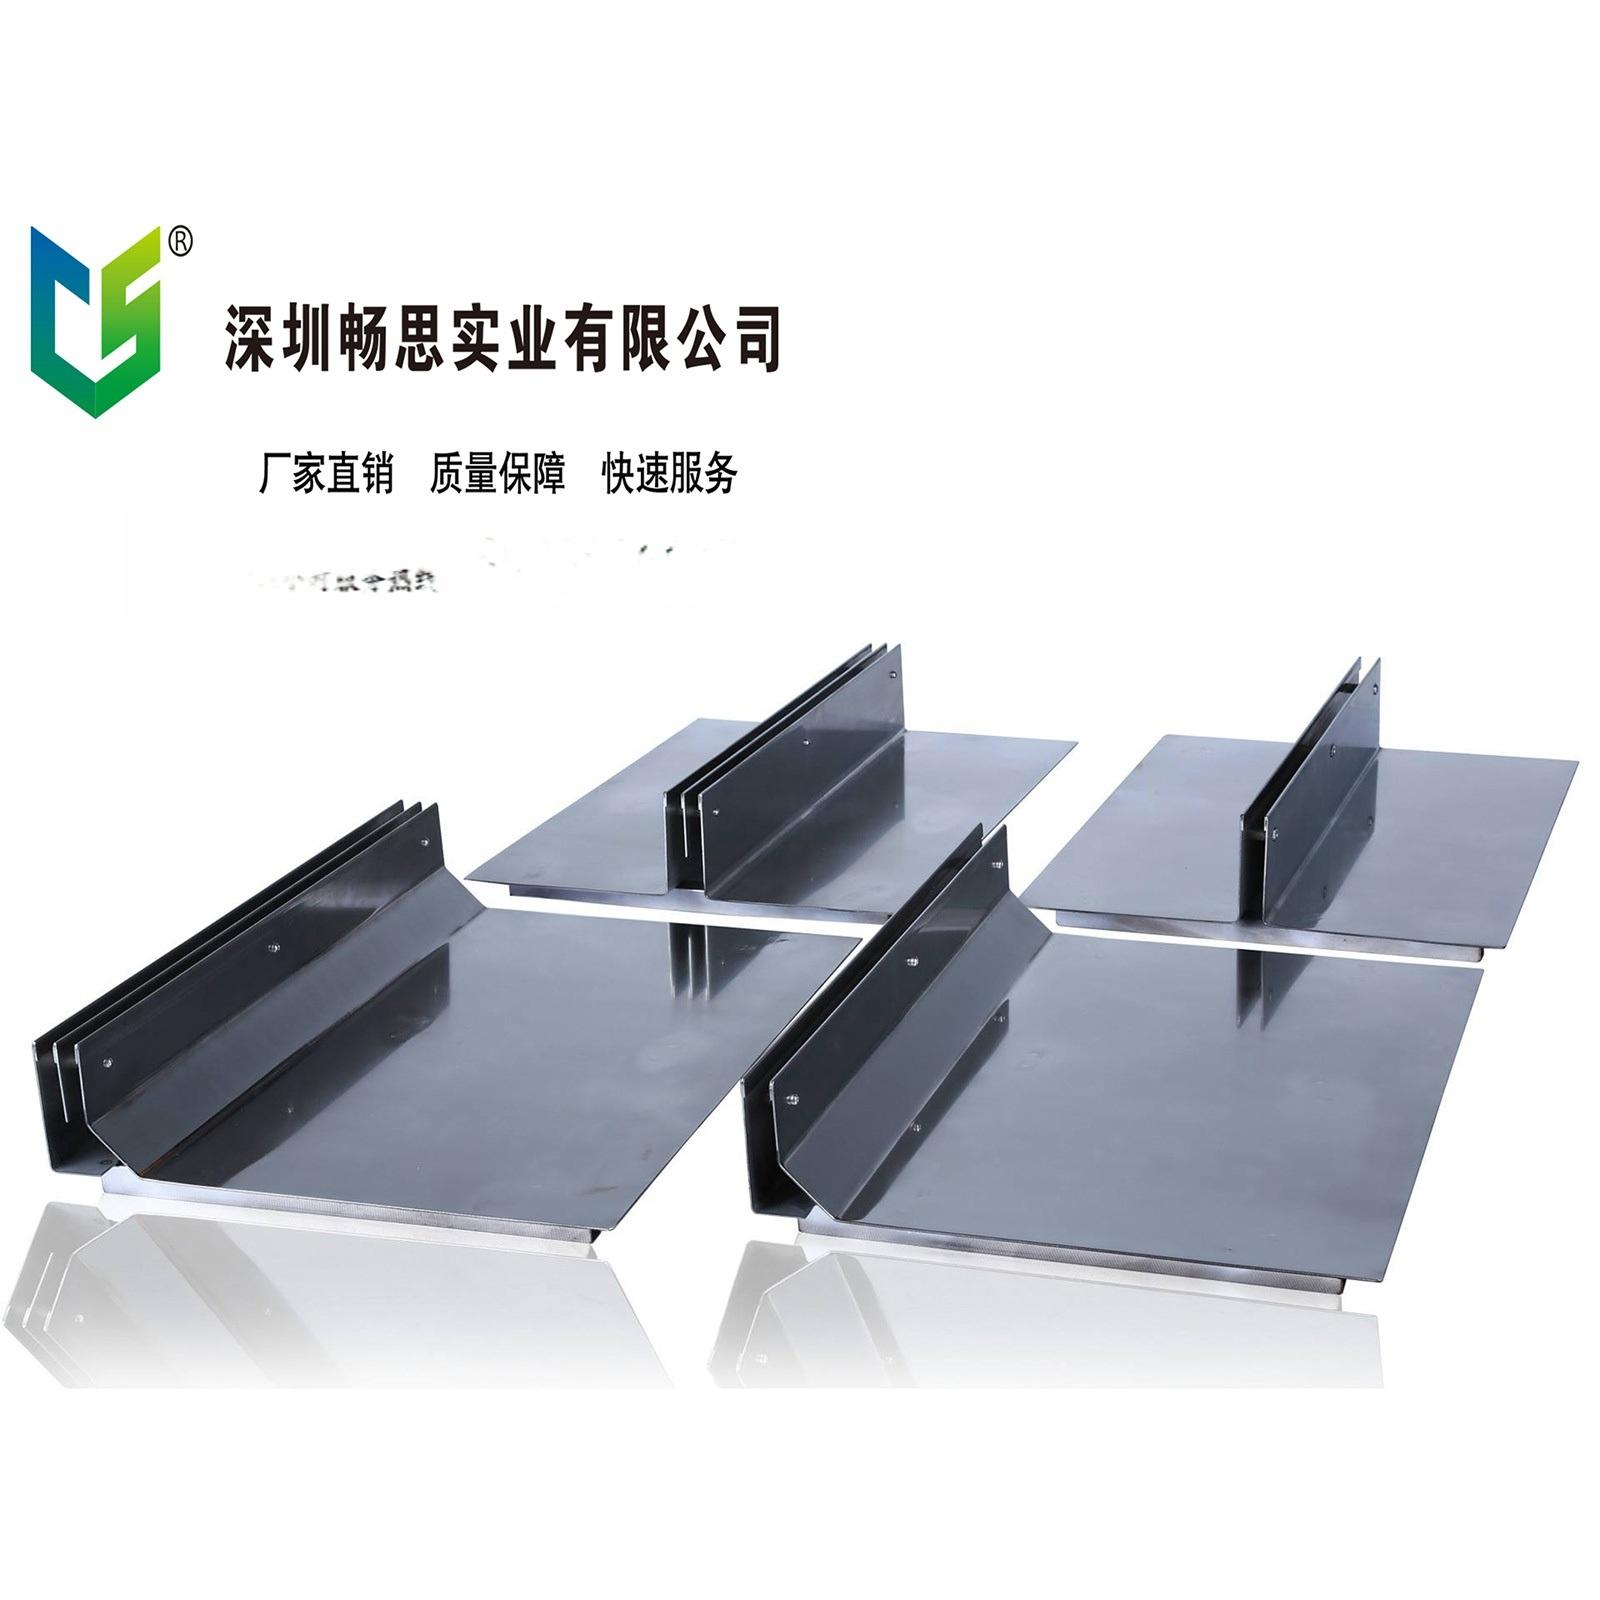 不鏽鋼縫隙式蓋板